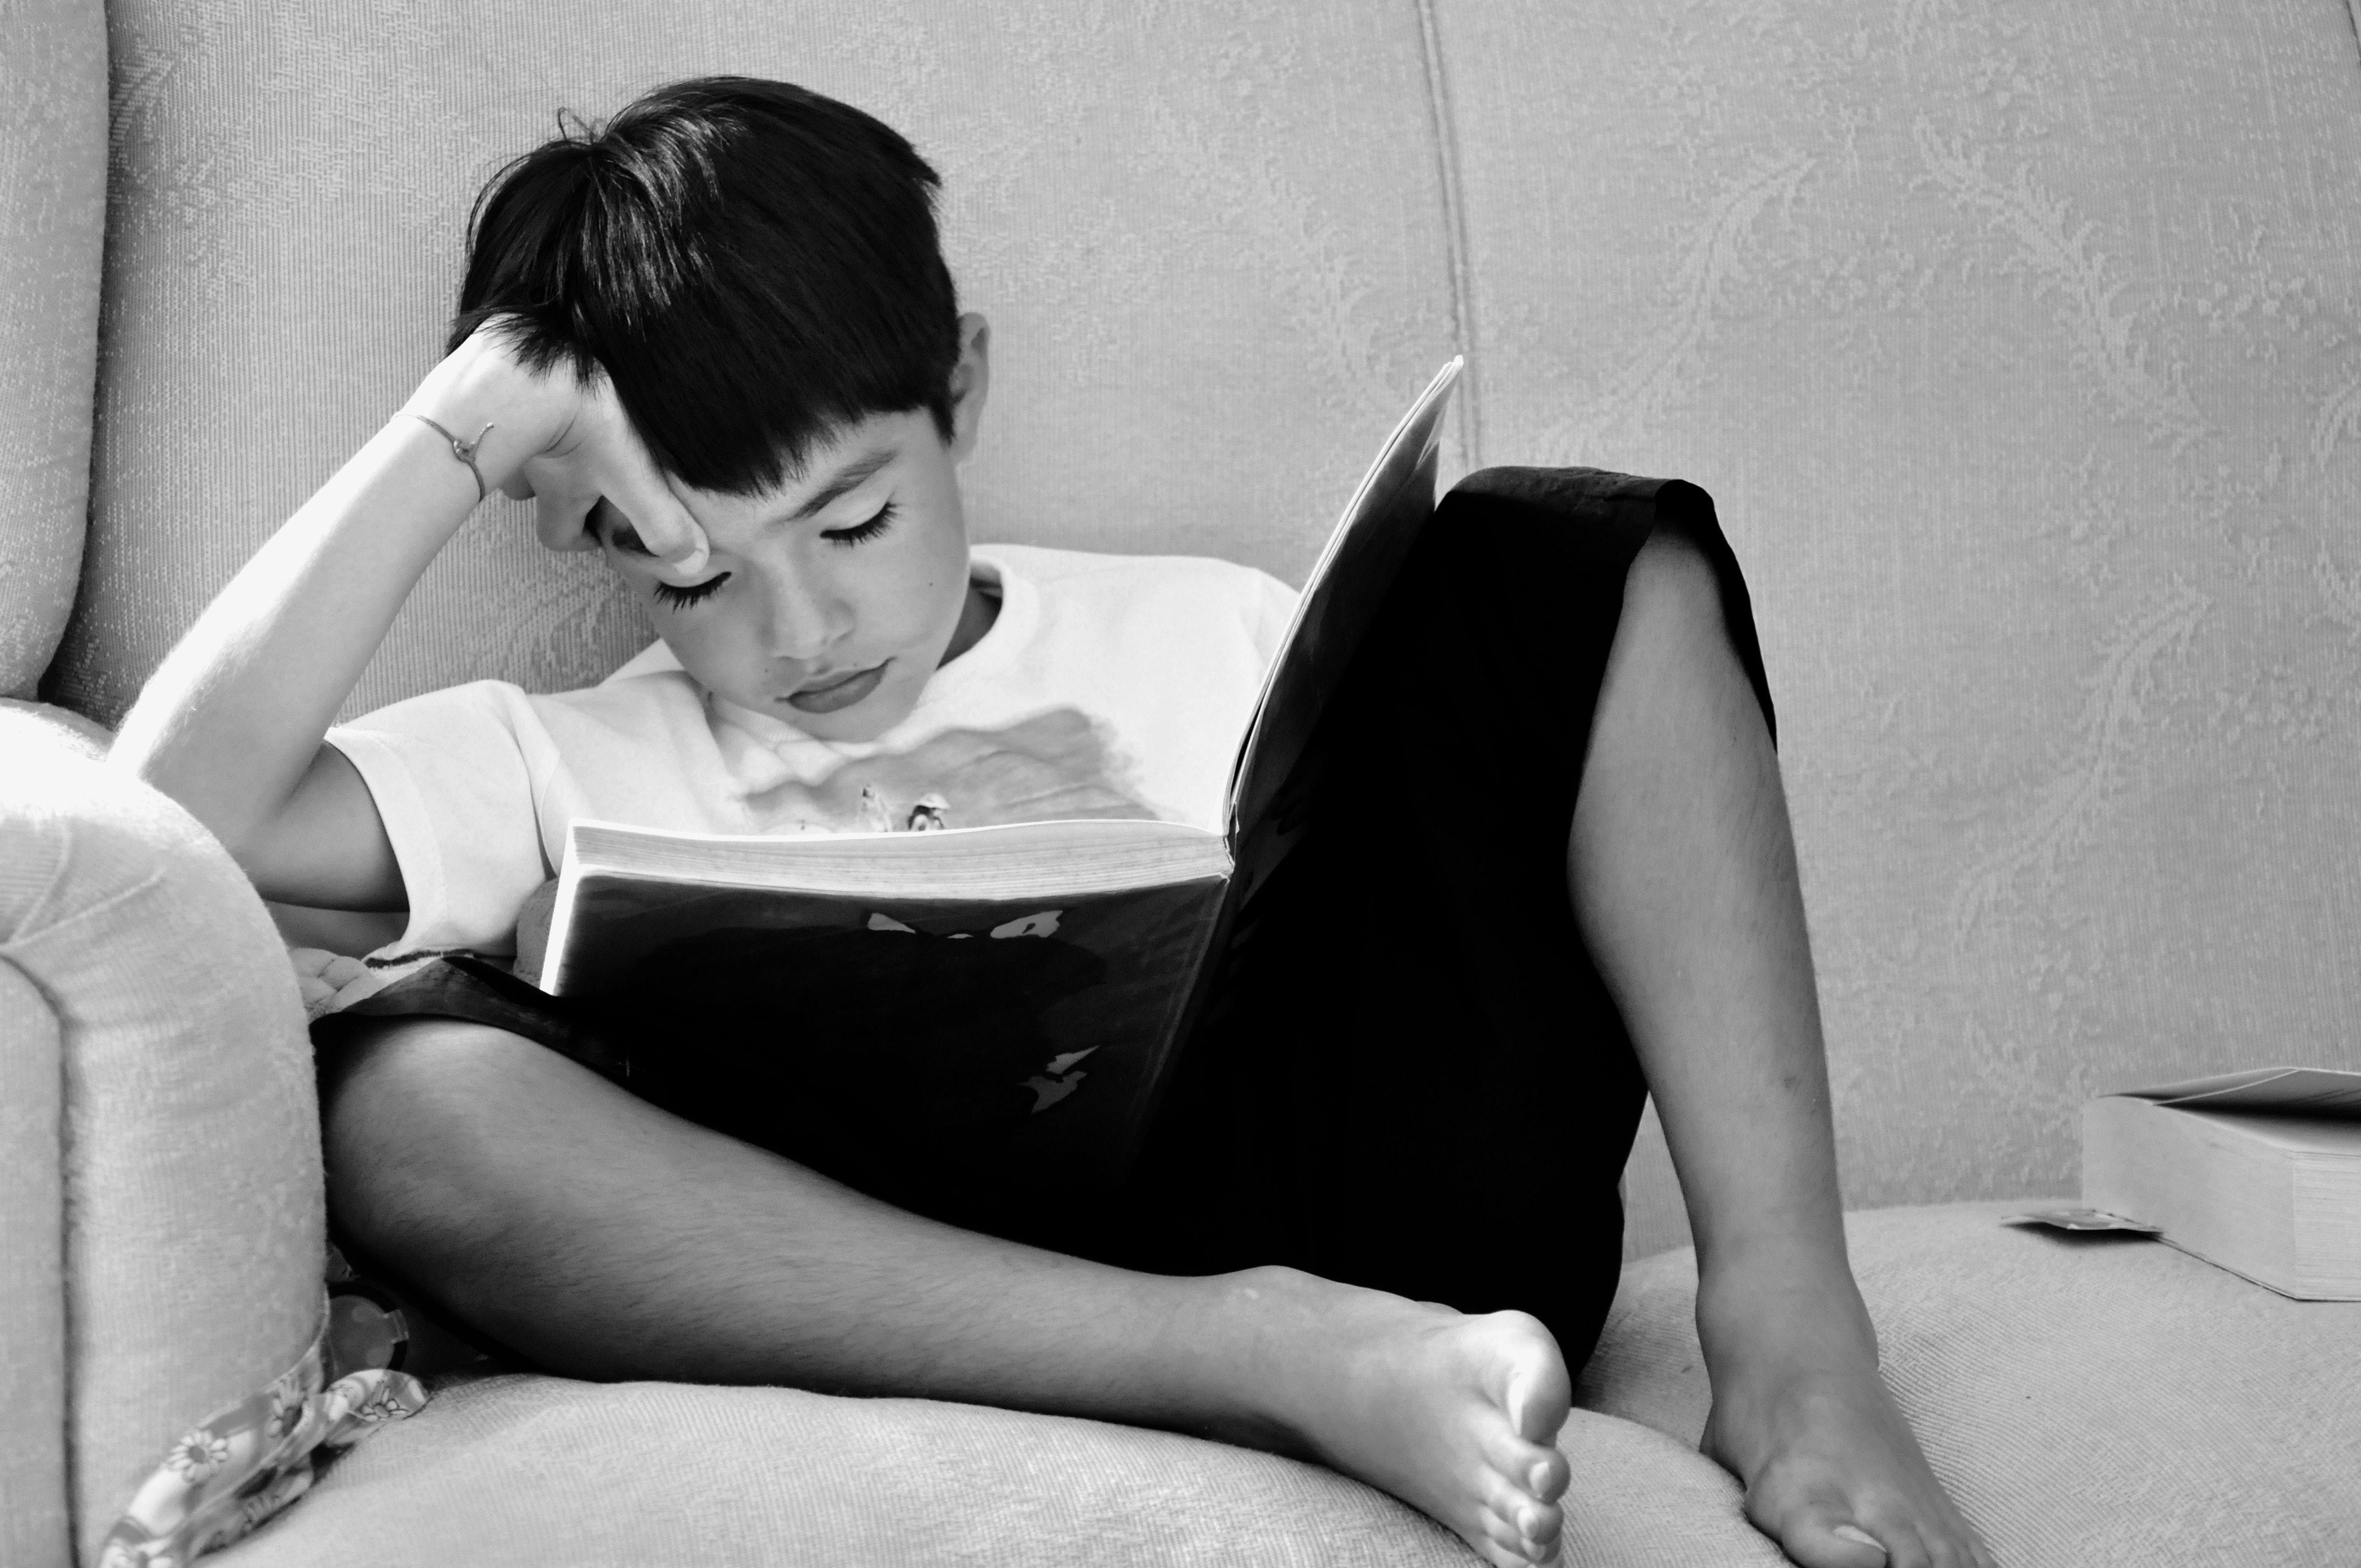 Inilah 4 Alasan Kenapa Orang Indonesia Engga Suka Membaca Buku. Kamu Termasuk Engga Yaa?